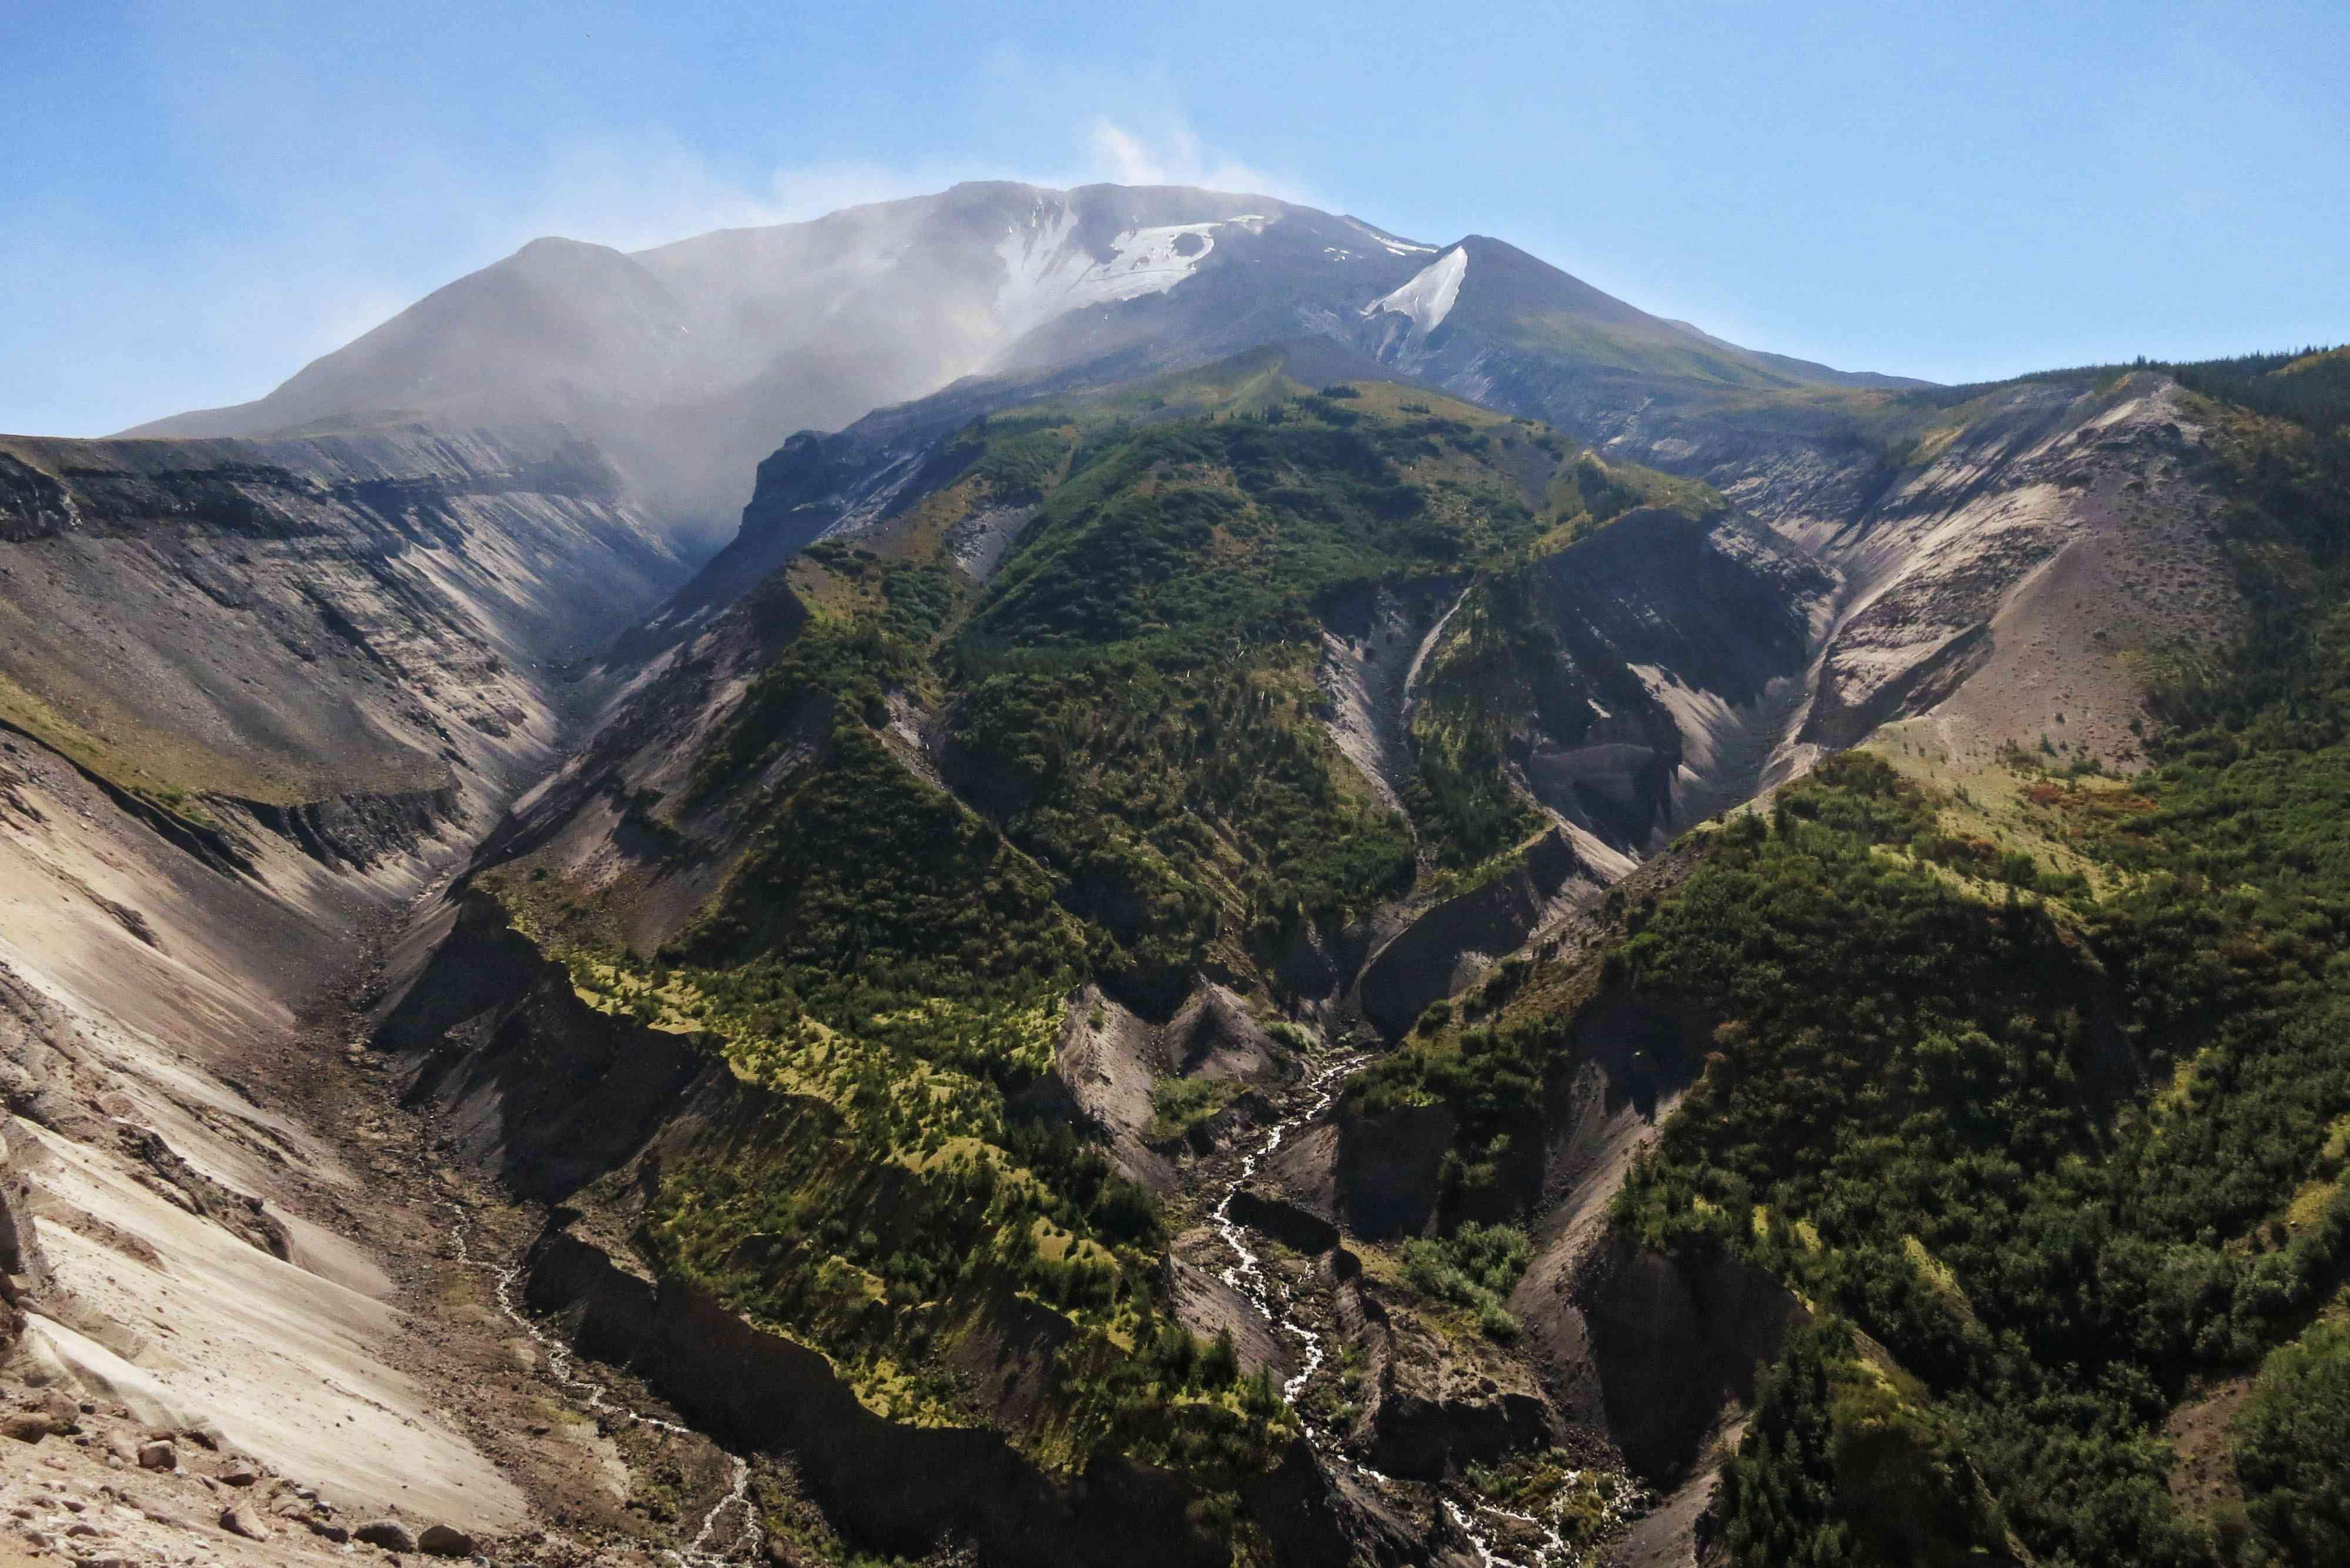 El cráter en Mt St Helen's